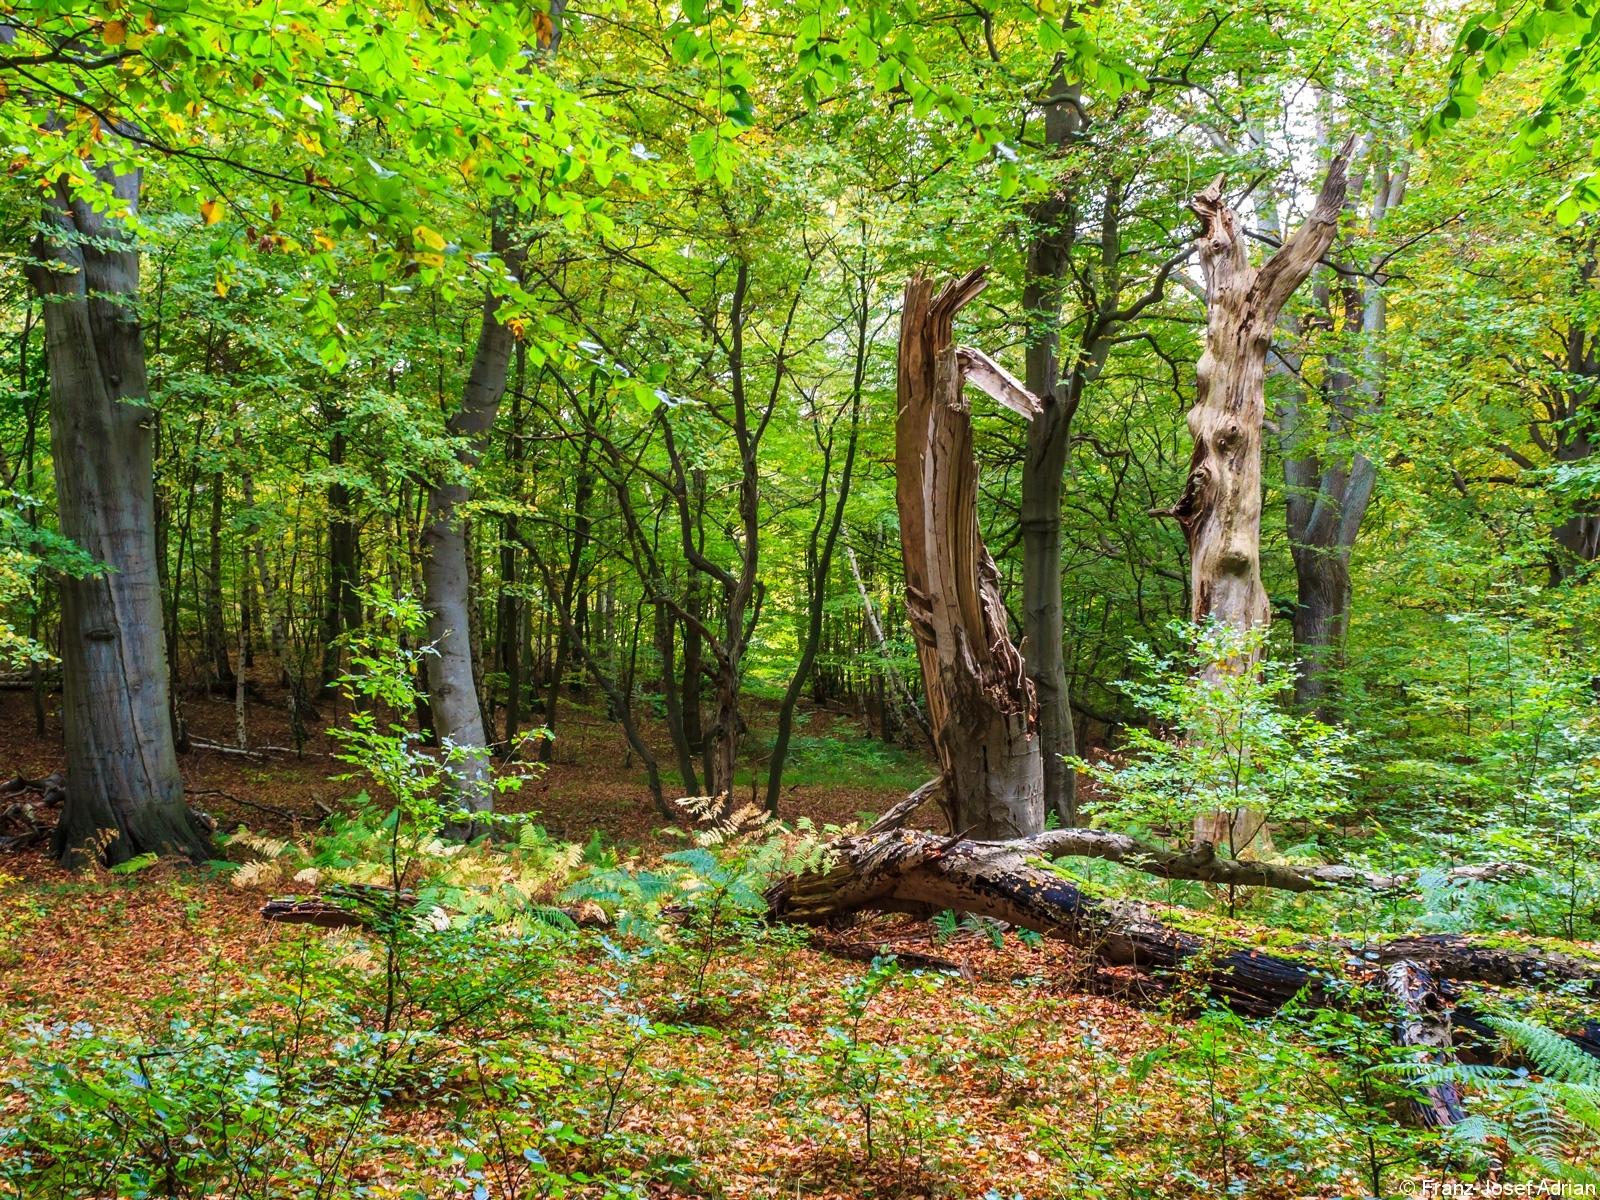 natürliche Buchenverjüngung inmitten von Totholz